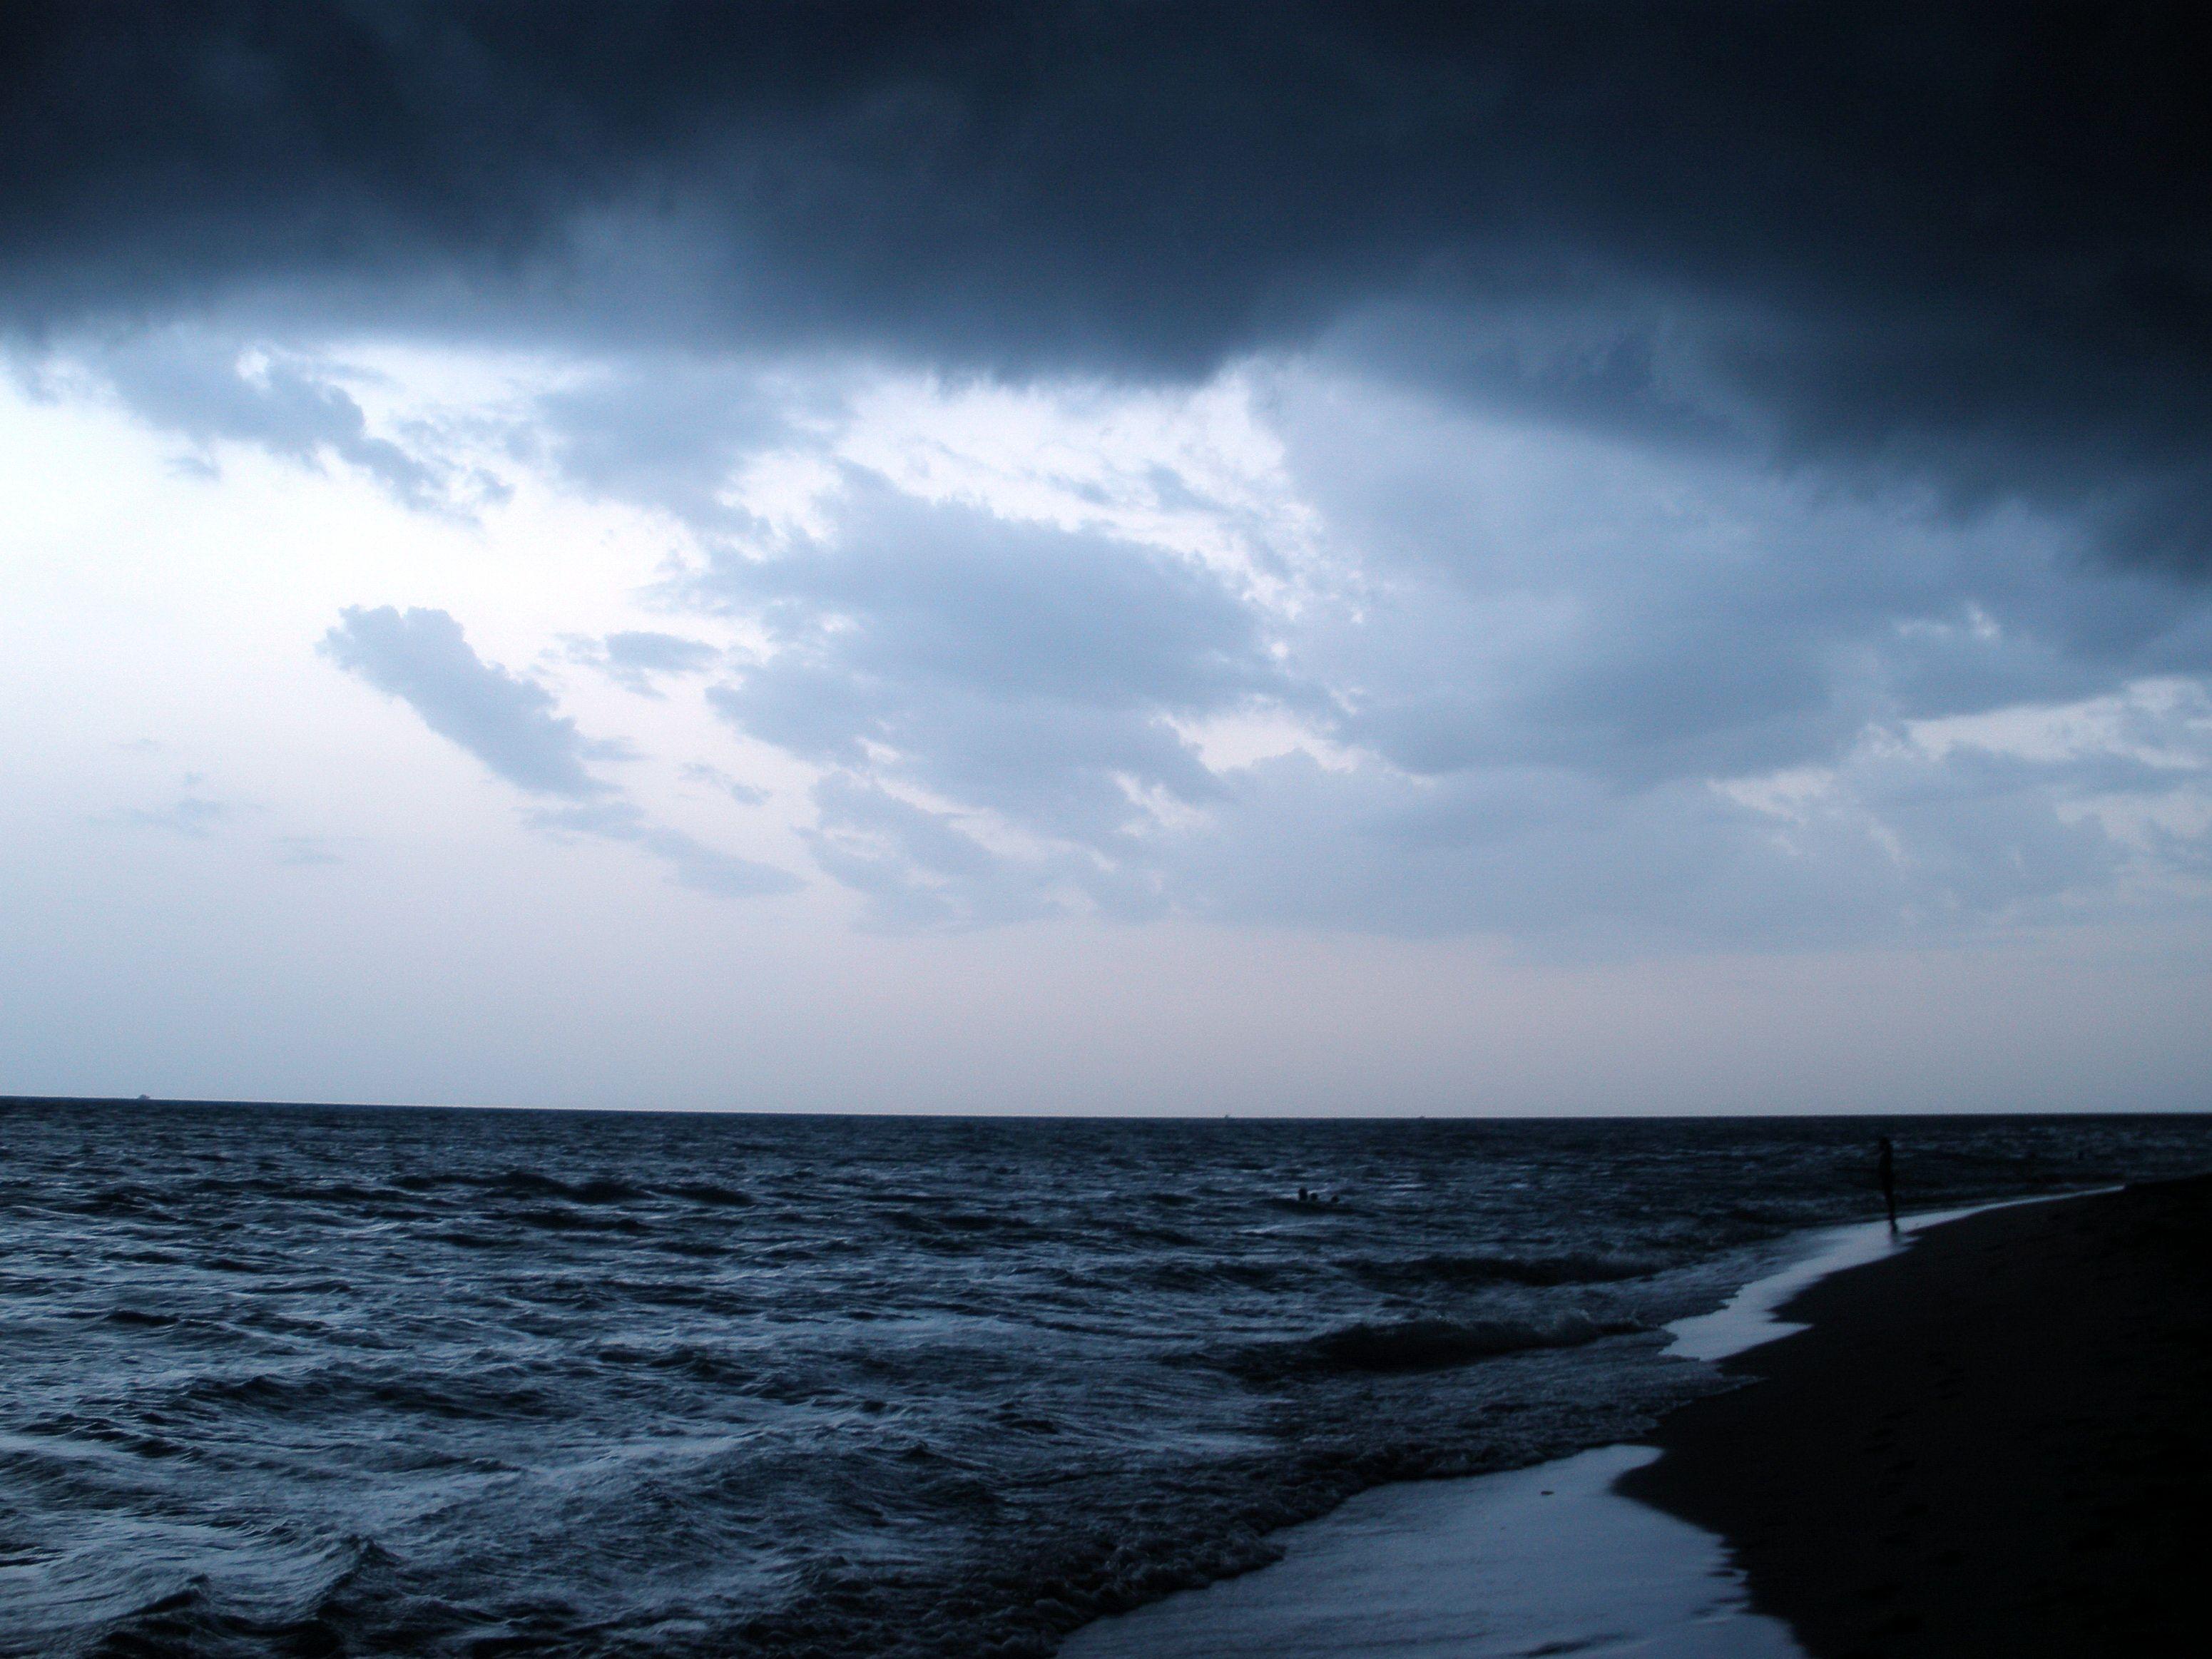 clouds dark sky stromy top hd wallpapers free download ...